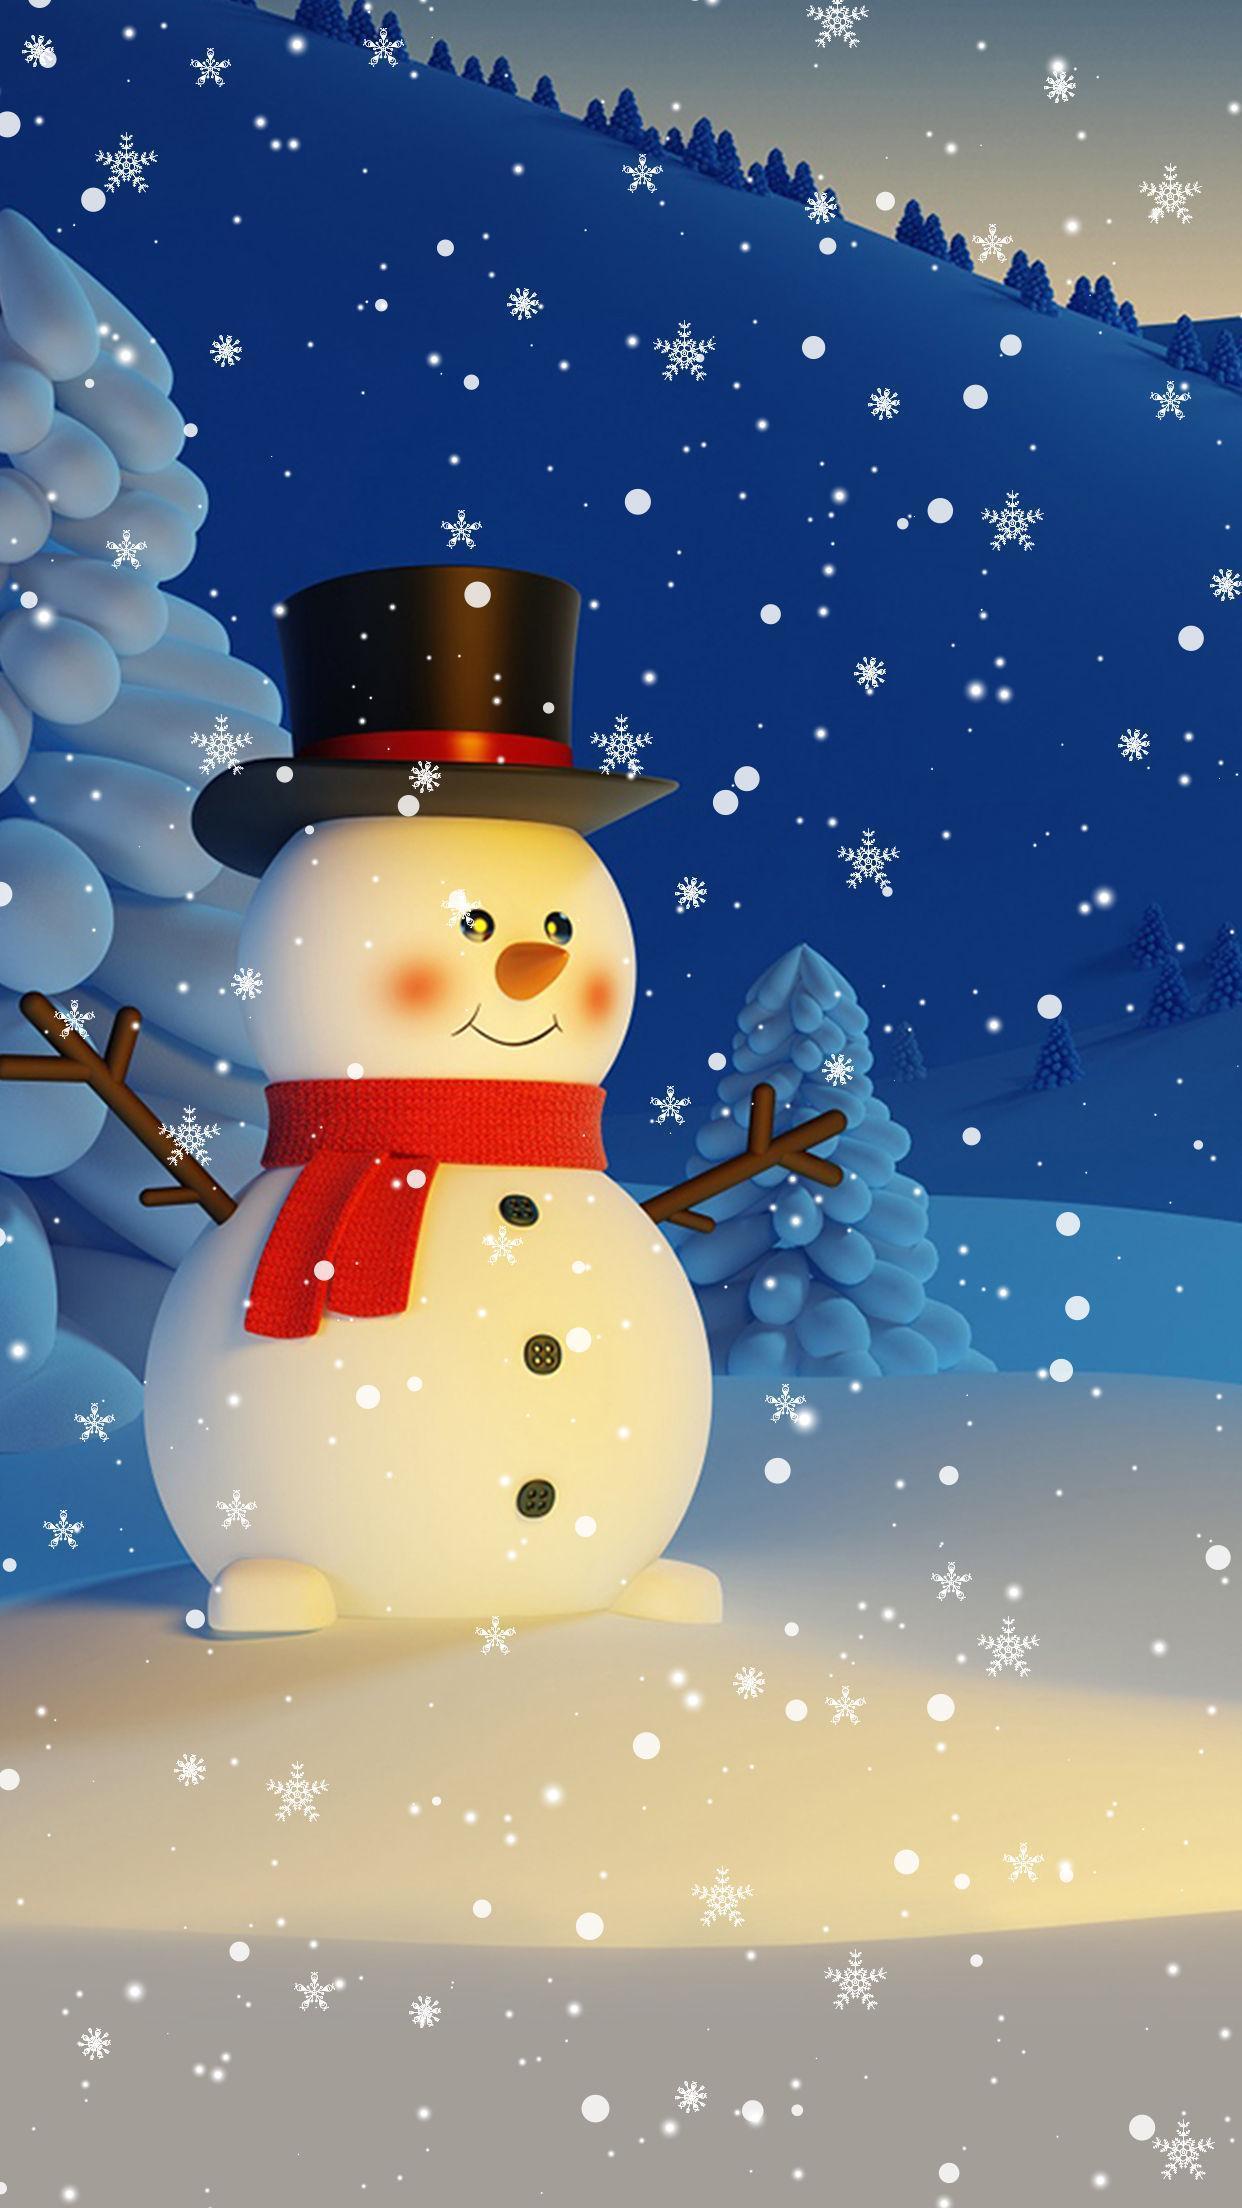 Android 用の 雪だるま ライブ壁紙 クリスマス 背景 Apk をダウンロード